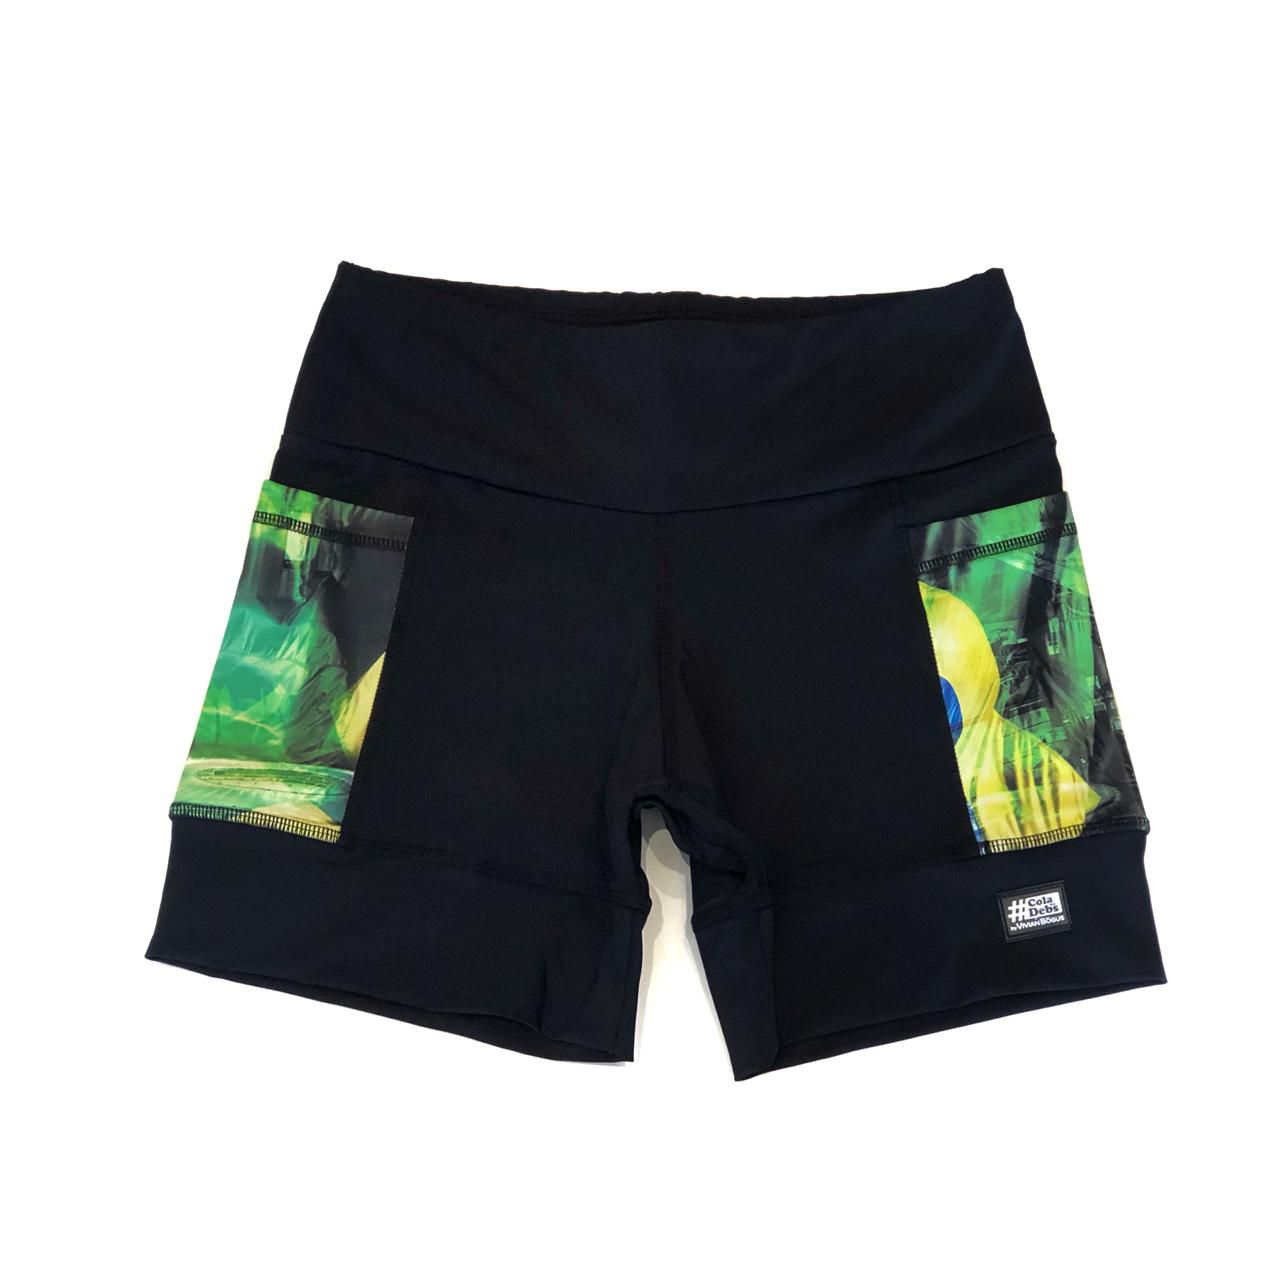 Shorts de compressão 2 bolsos Square em sportiva preto bolso Brasil